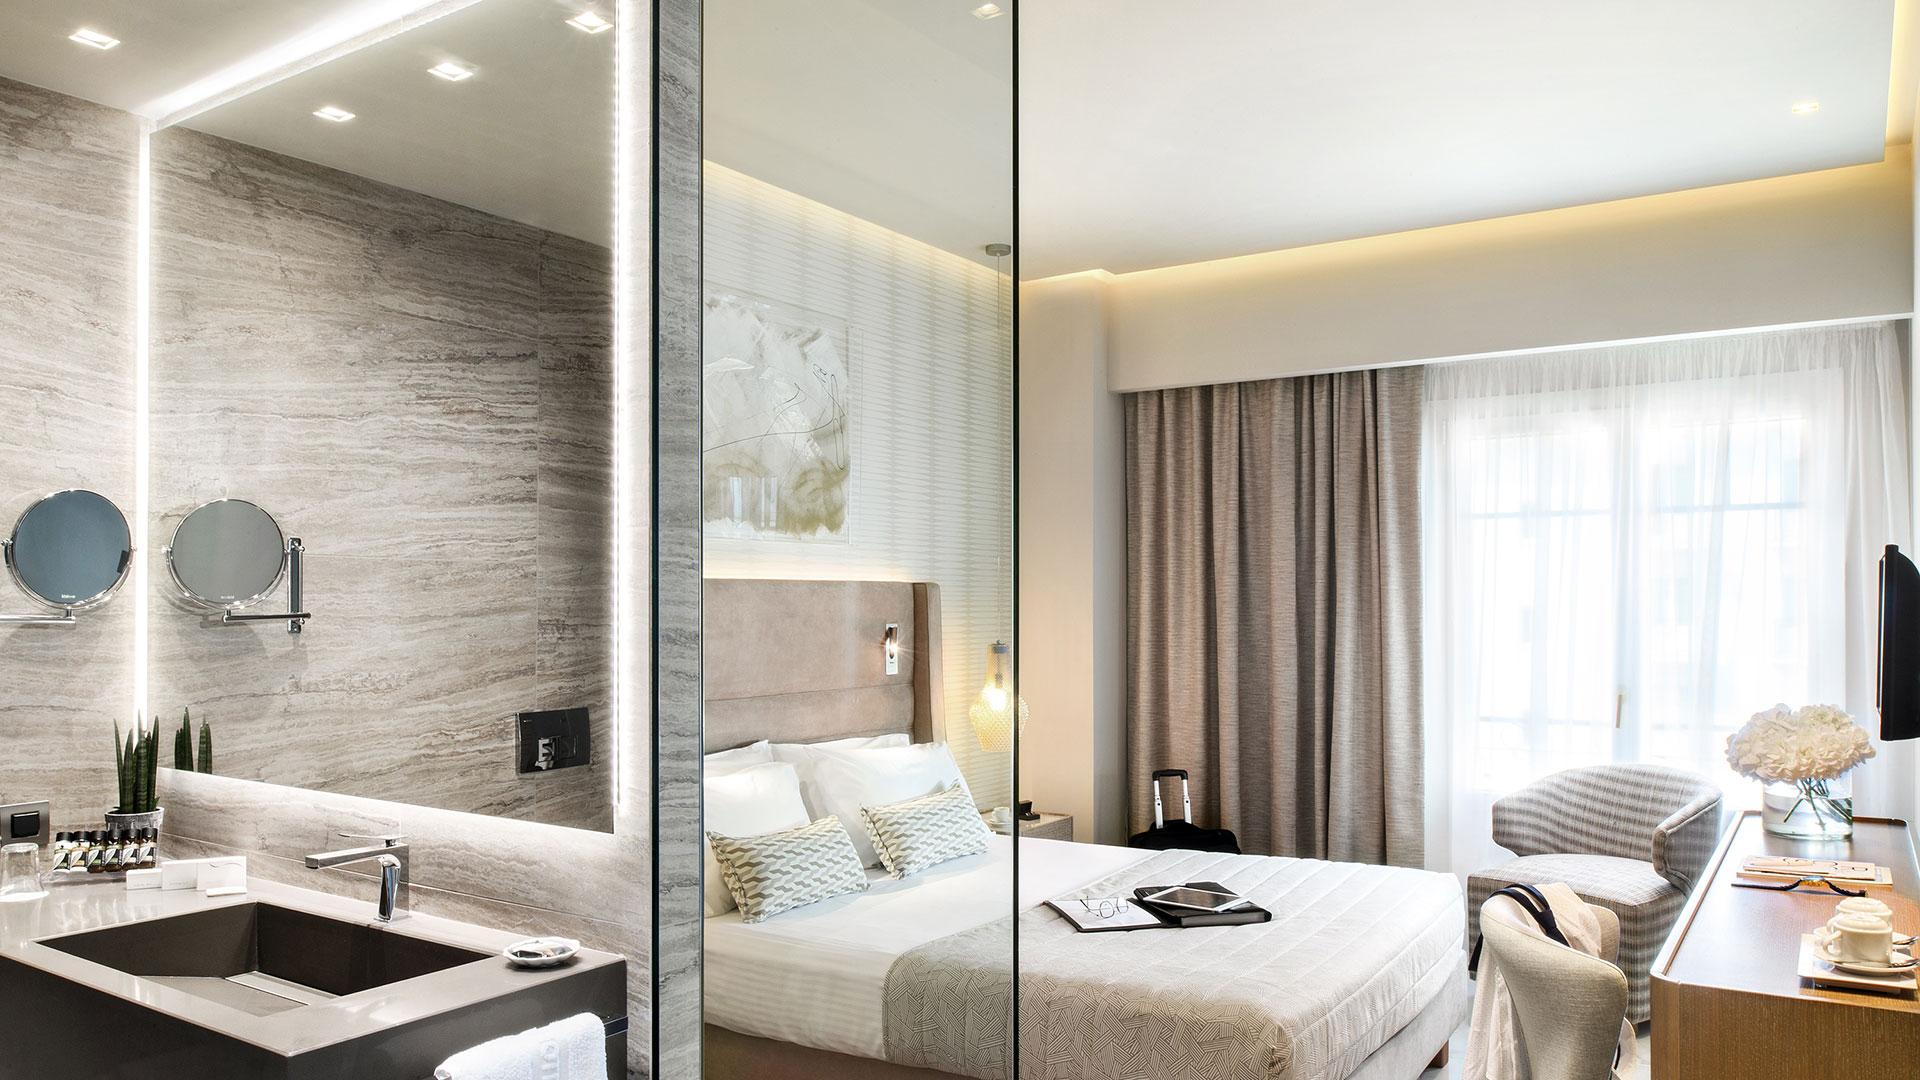 dimitriadis_grand-hotel_04